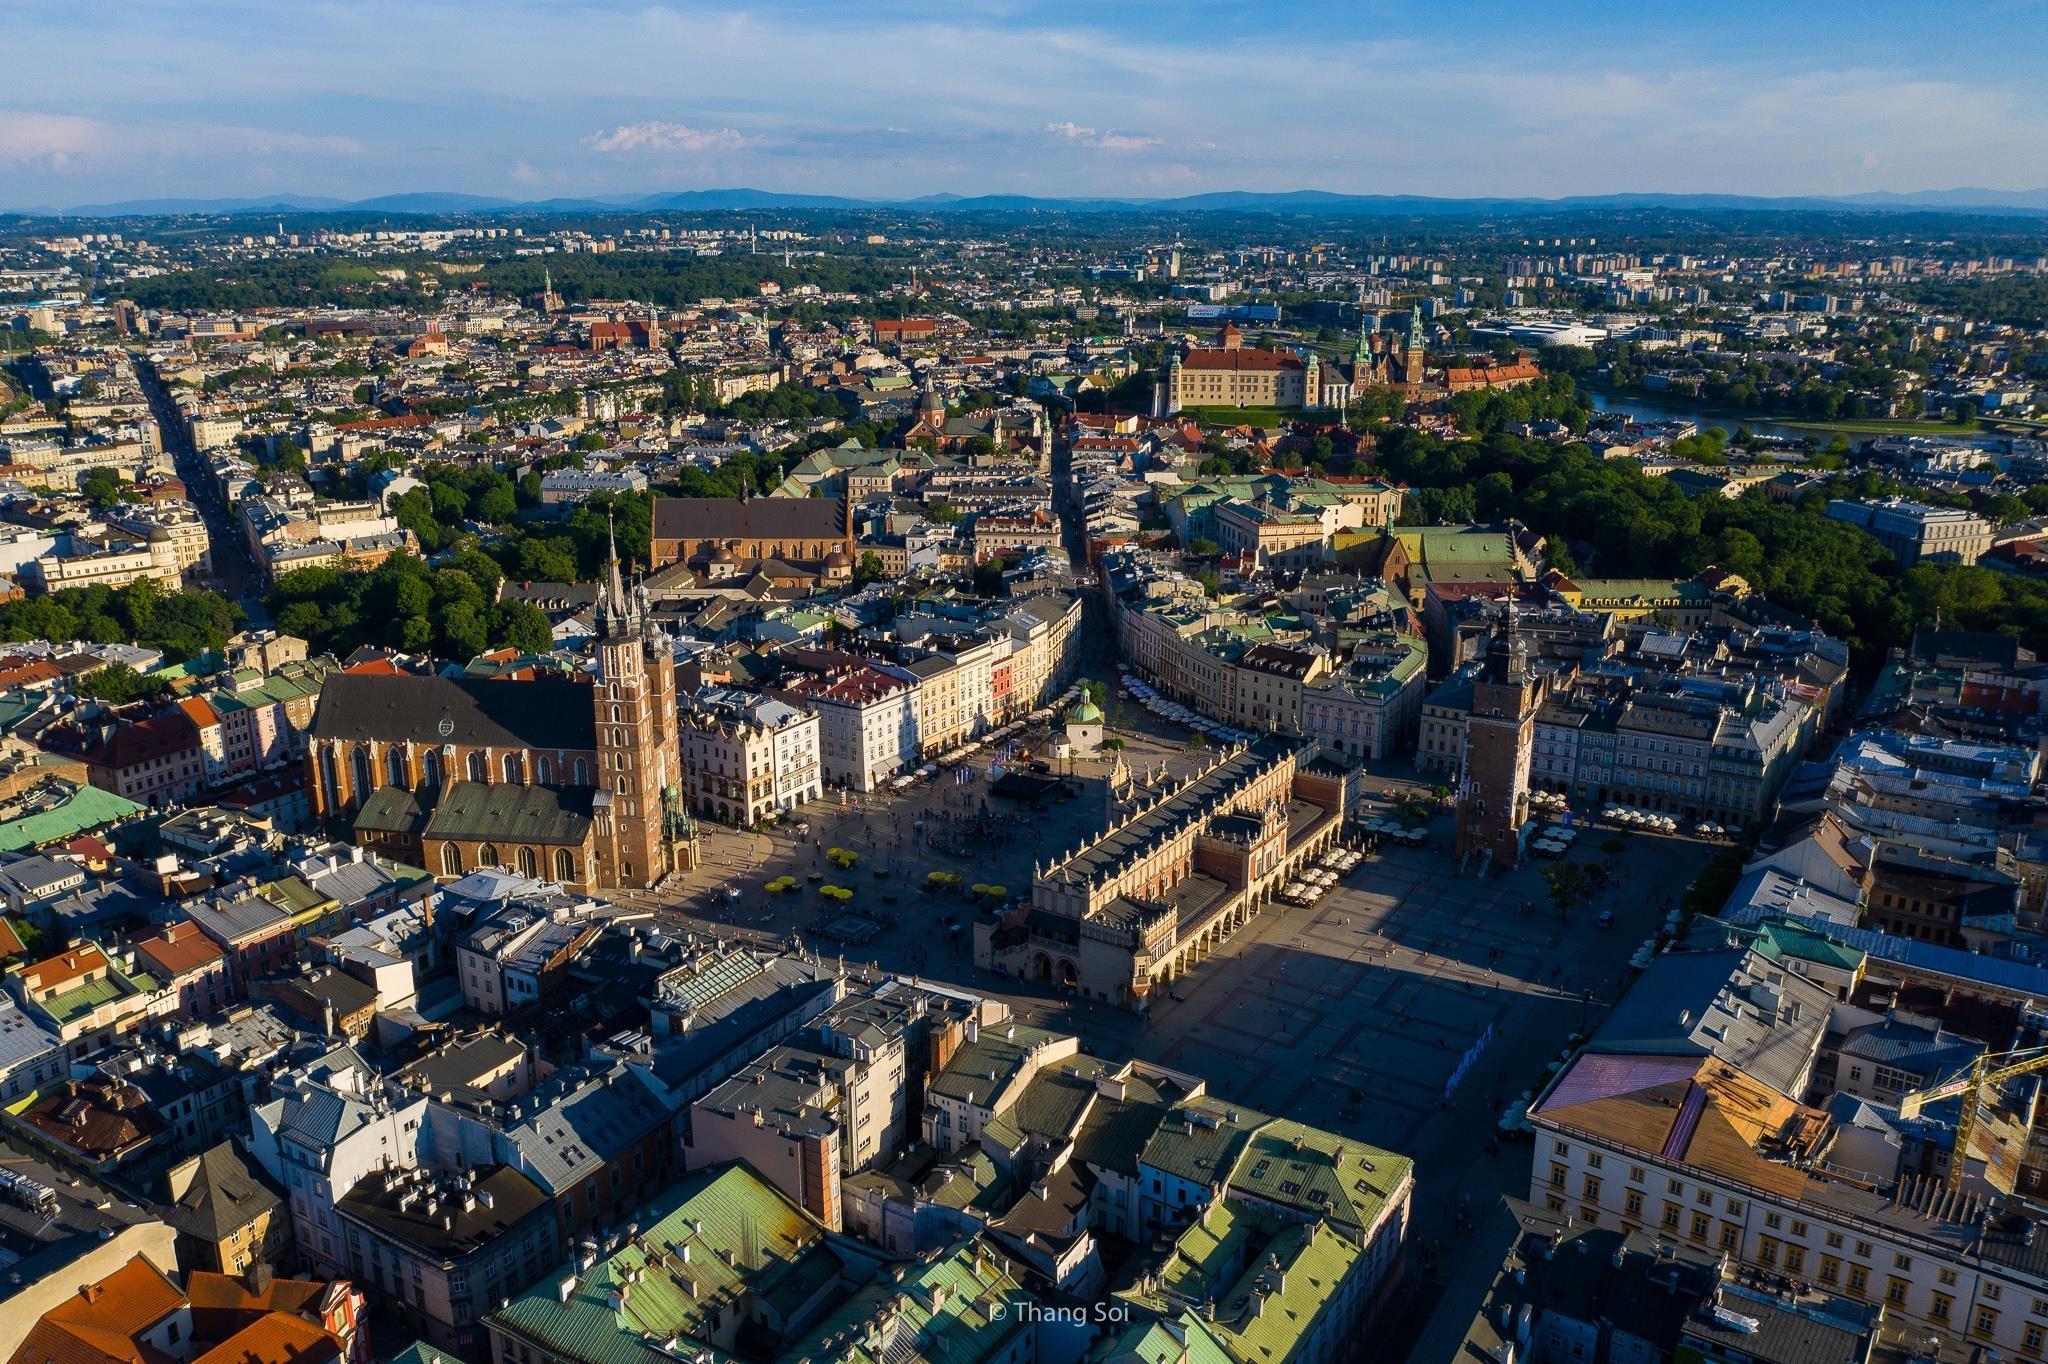 Krakow, kinh do co phai ghe tham khi den Ba Lan hinh anh 2